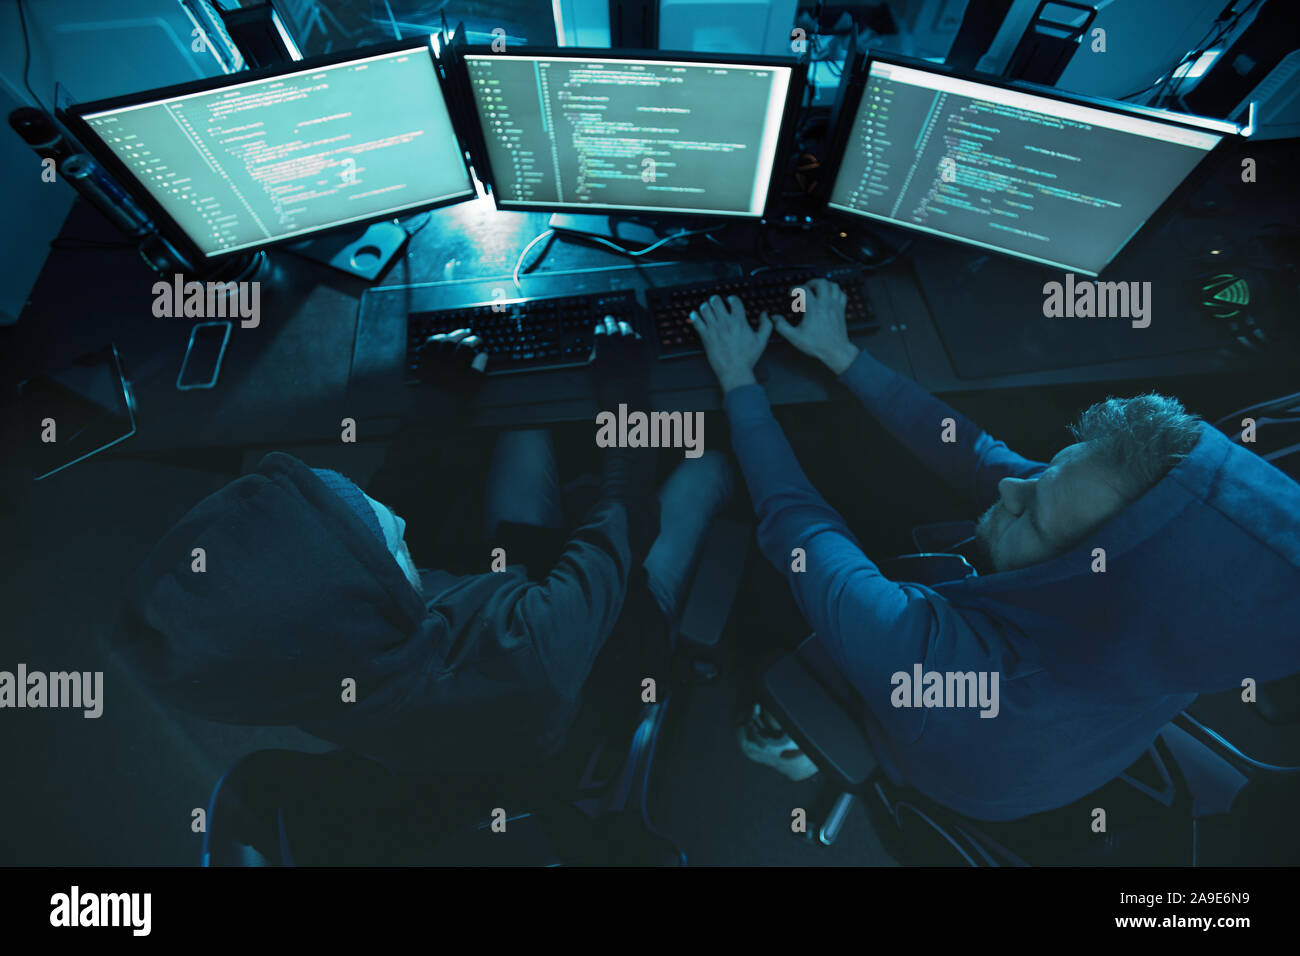 Vue arrière de pirates informatiques assis devant des écrans d'ordinateur et en tapant ils briser le système et de travailler en équipe Banque D'Images